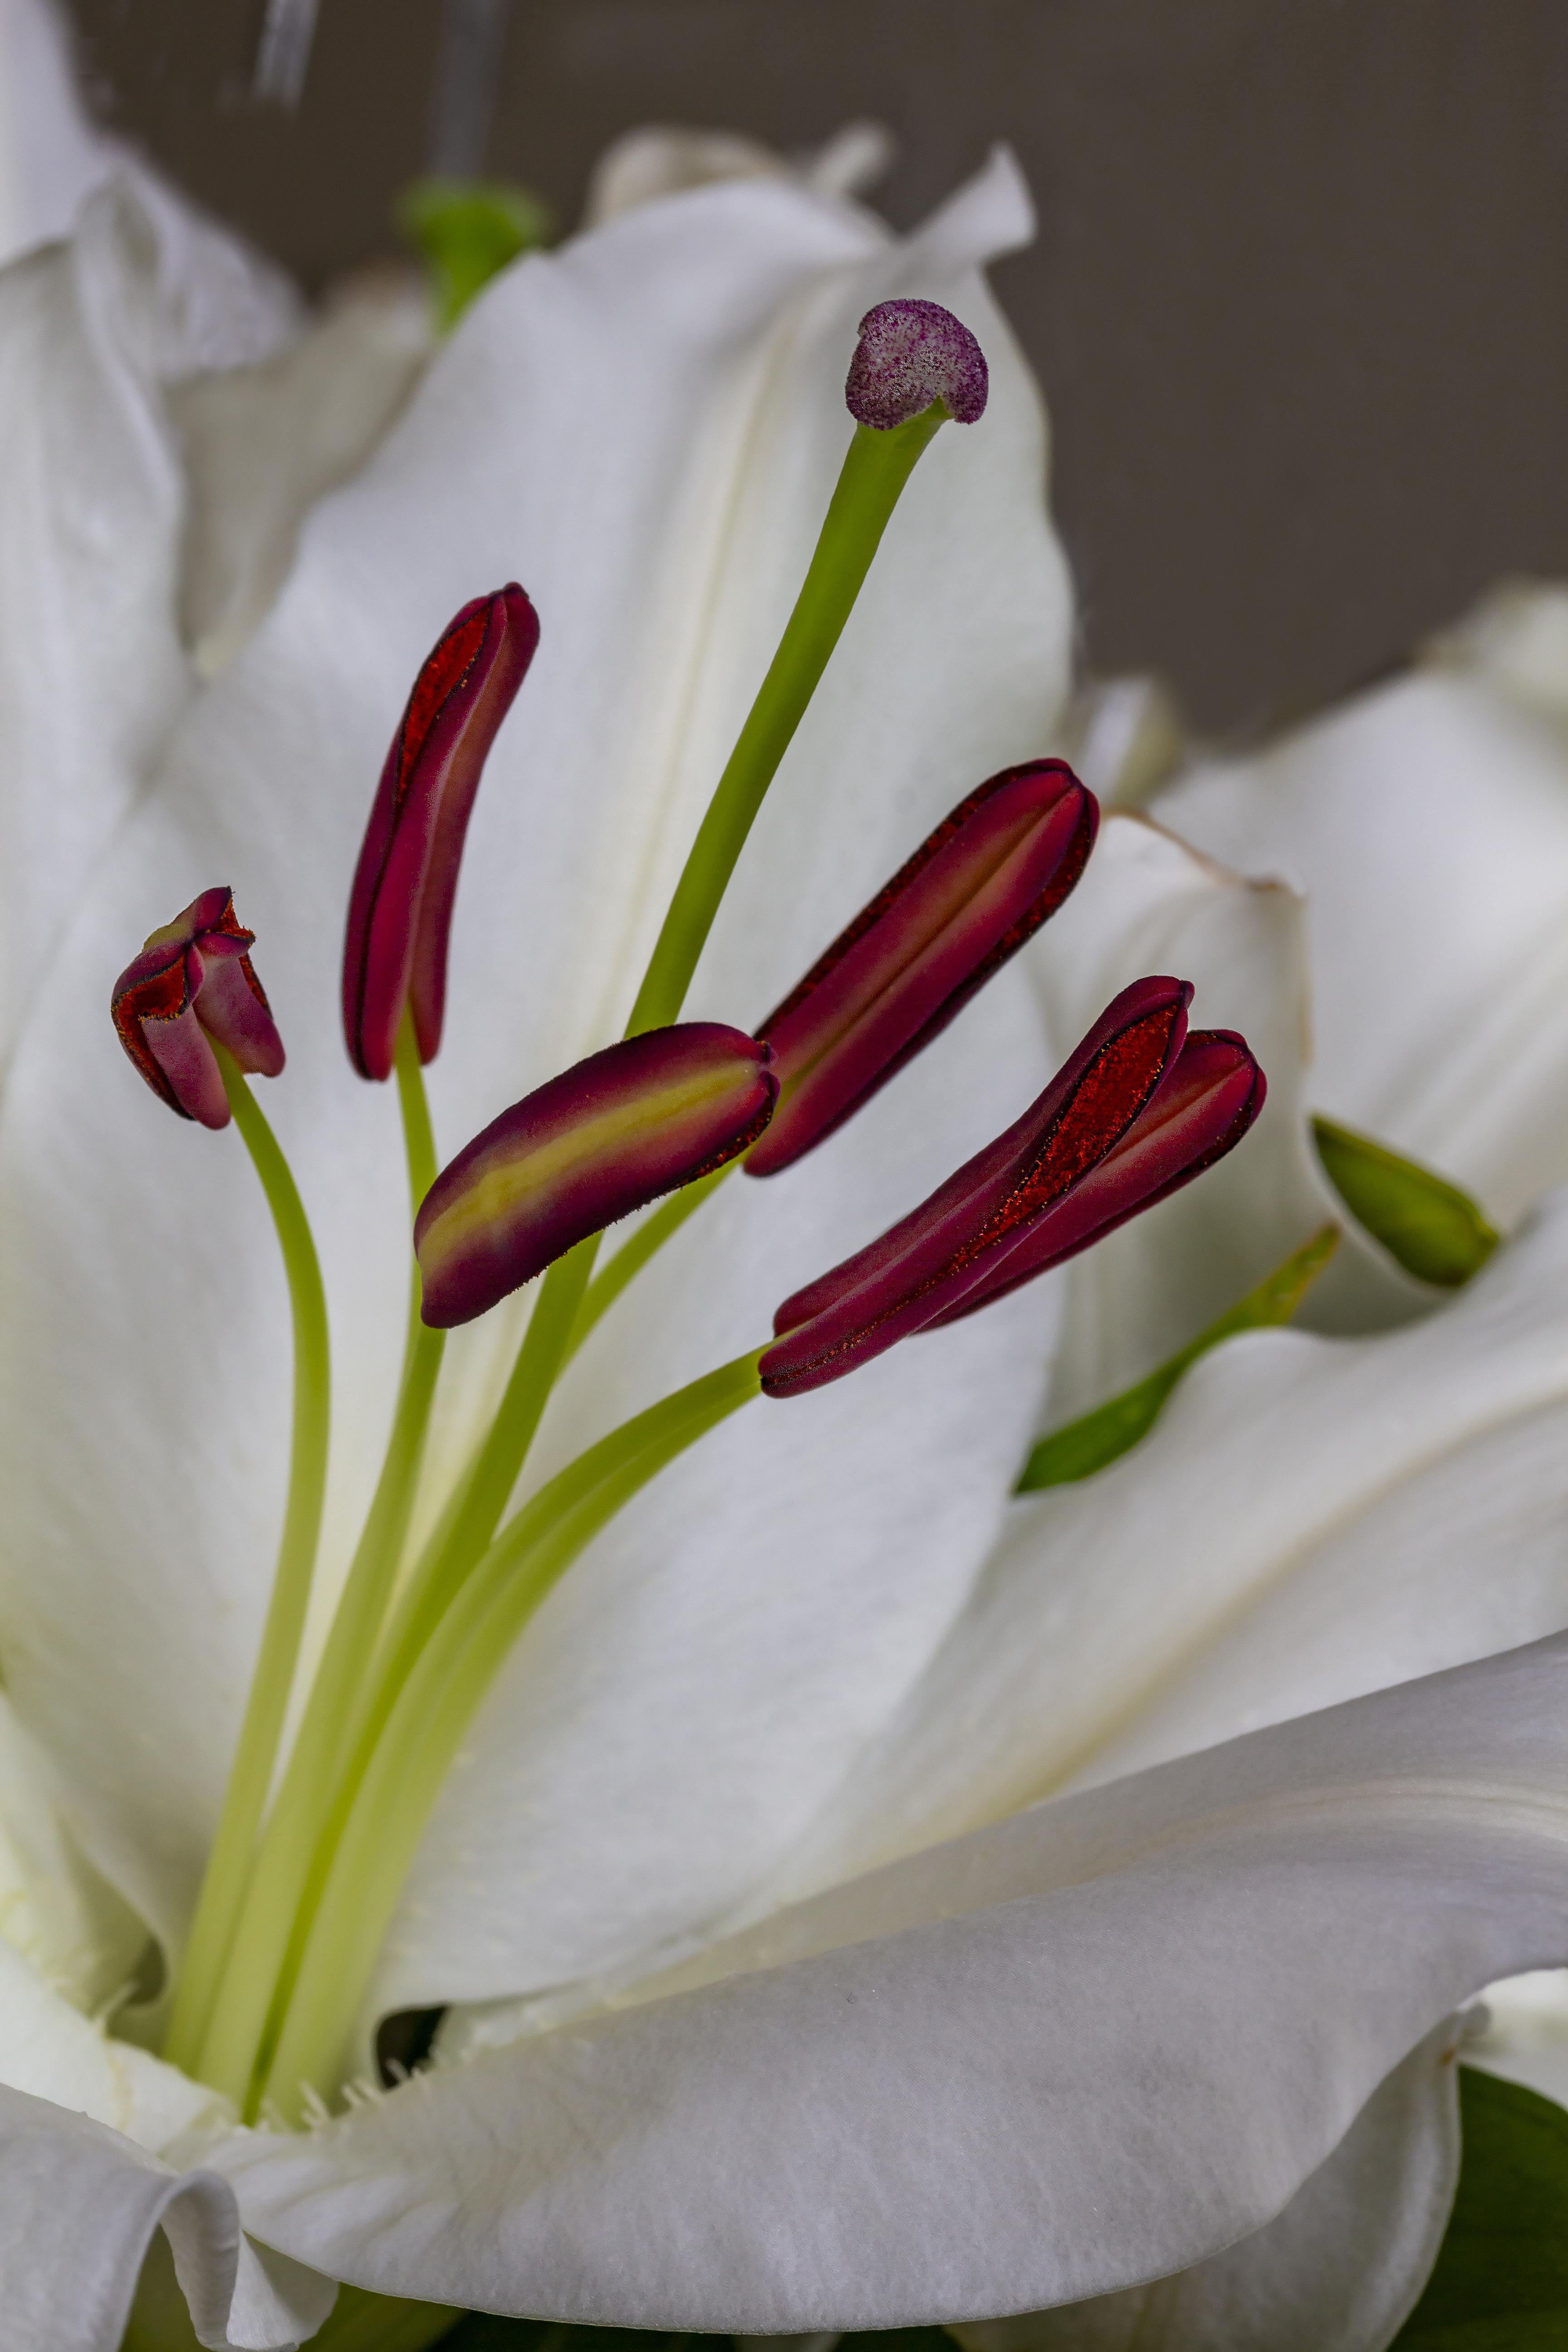 Flower 03 LR.jpg